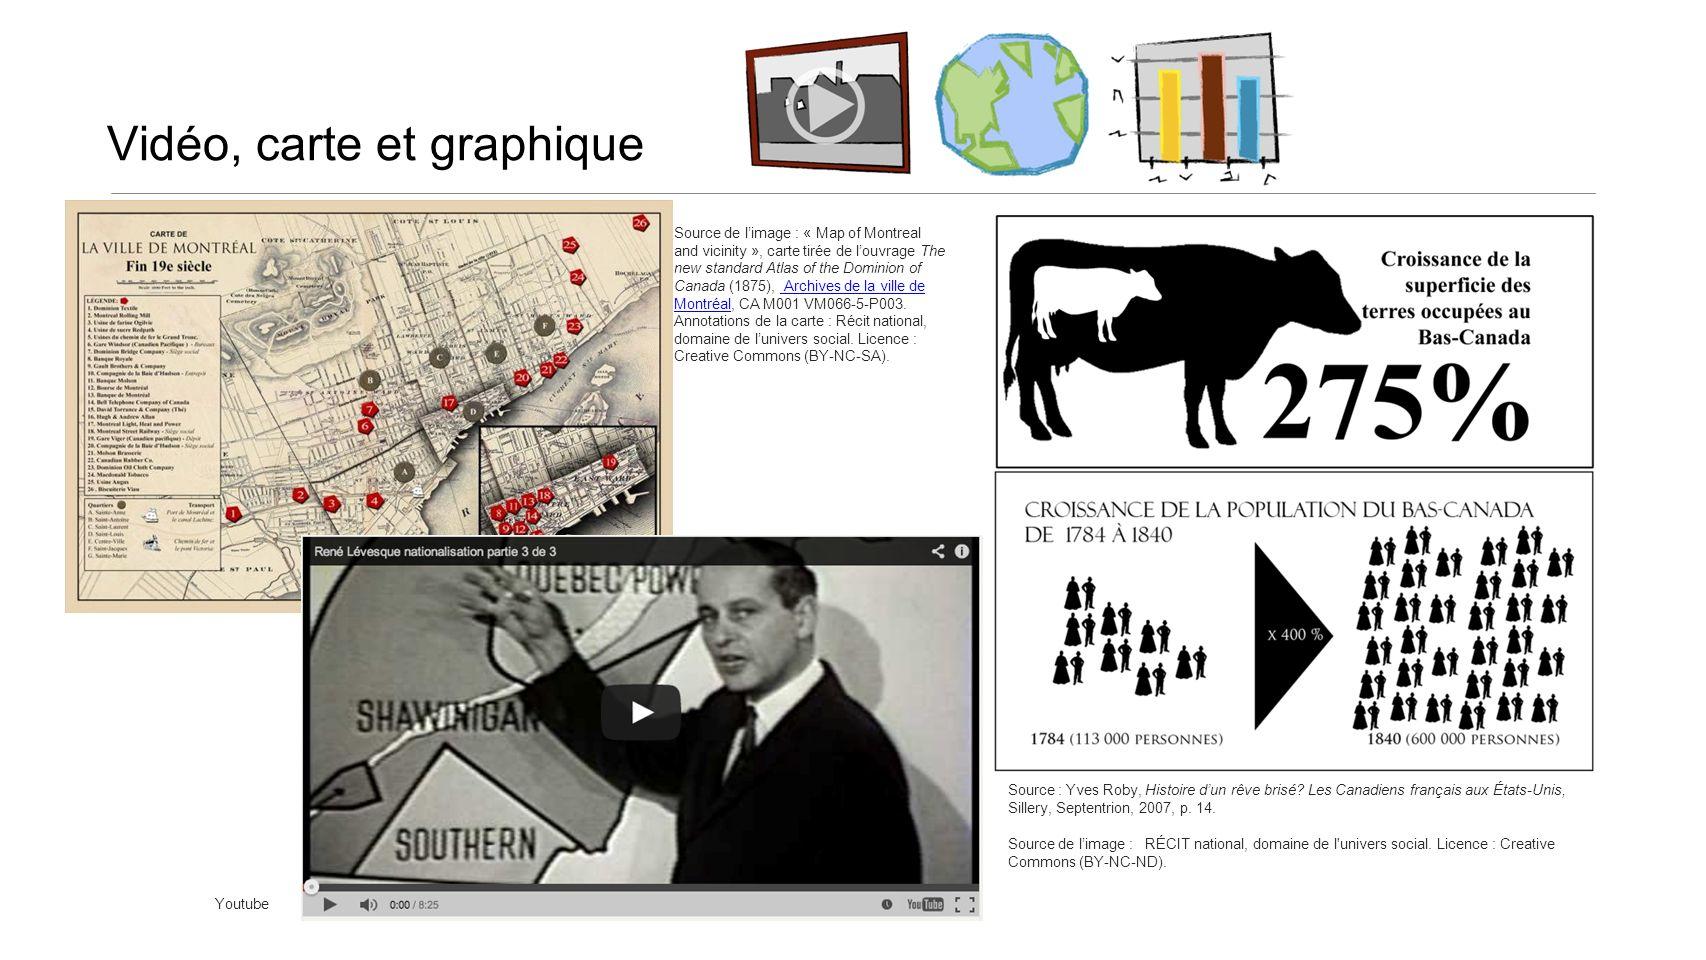 Vidéo, carte et graphique